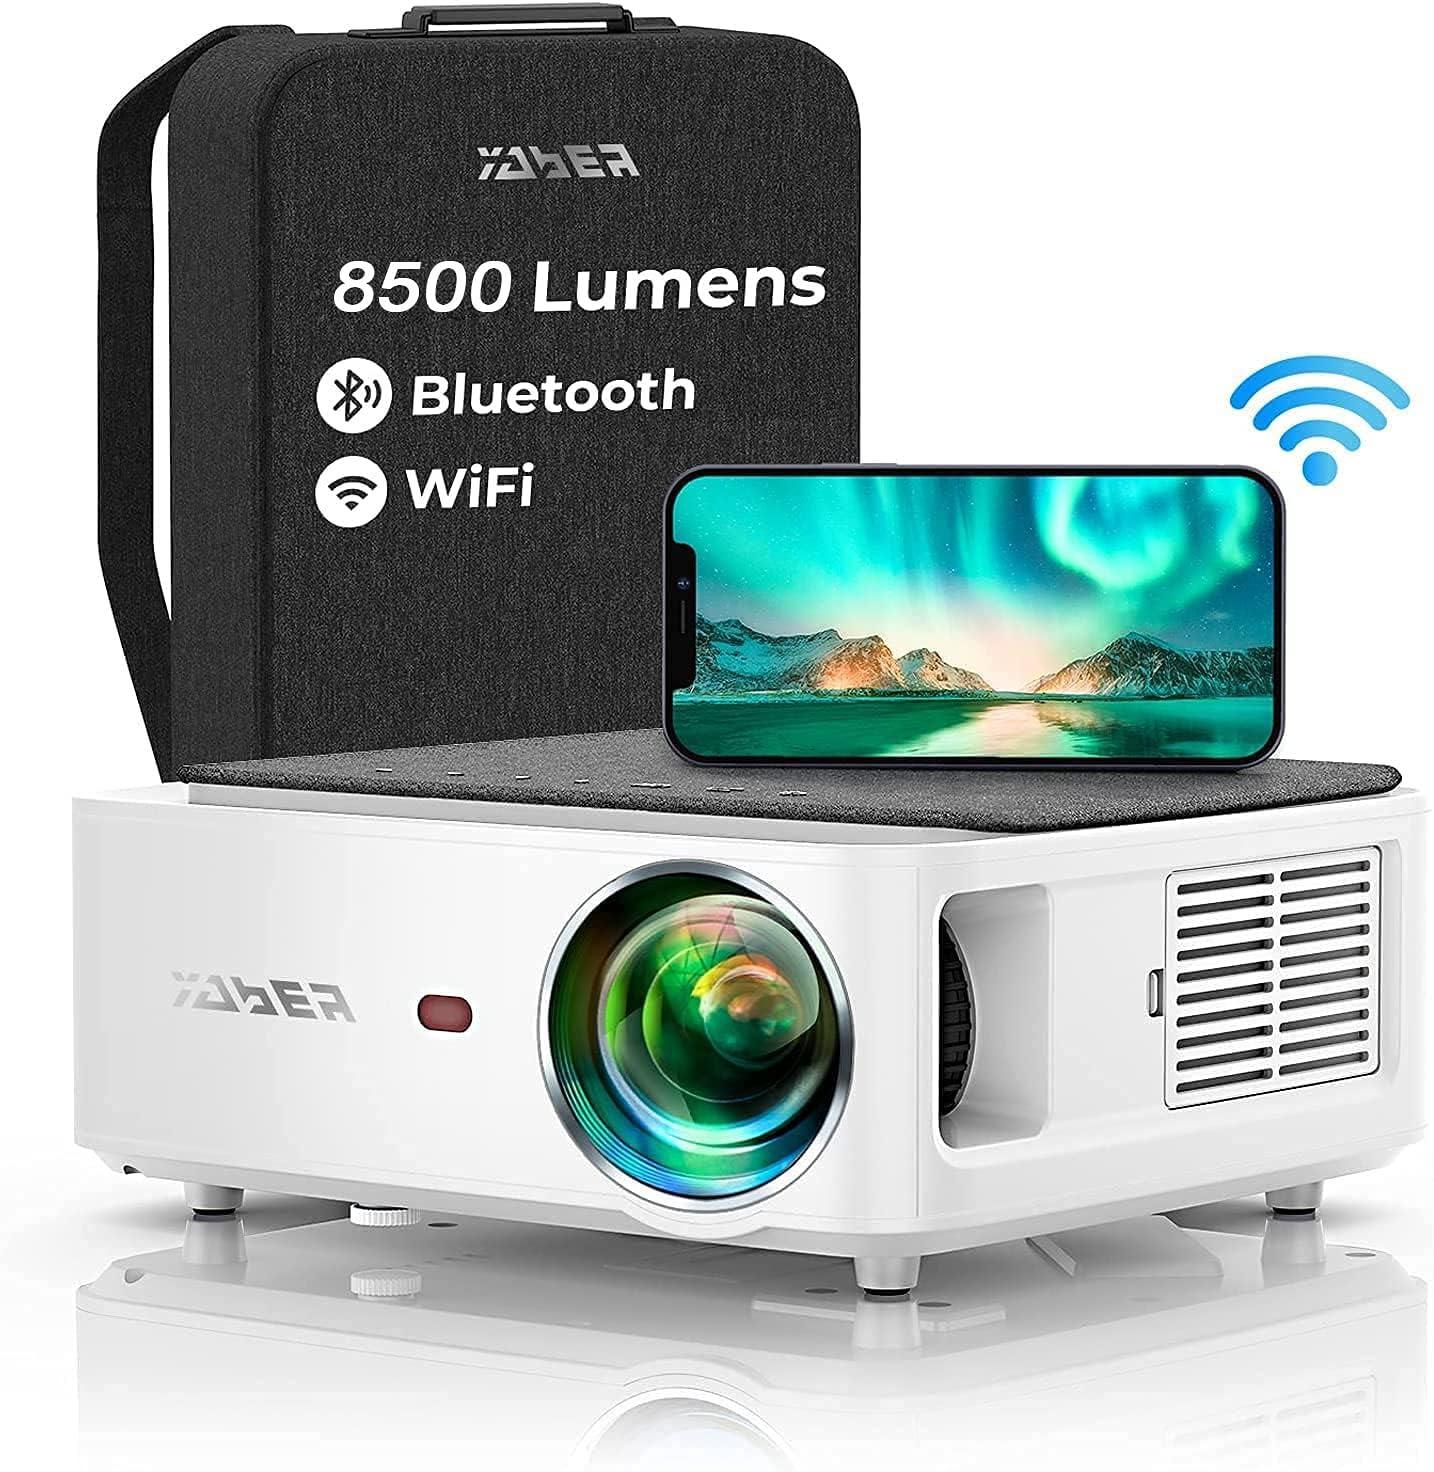 Proyector WiFi Bluetooth 1080P, YABER V6 8500 Lúmenes Proyector WiFi Full HD 1080P Nativo Soporta 4K, Ajuste Digital de 4 Puntos, Proyector Portátil Zoom -50%, Proyector LED para Cine en Casa y PPT